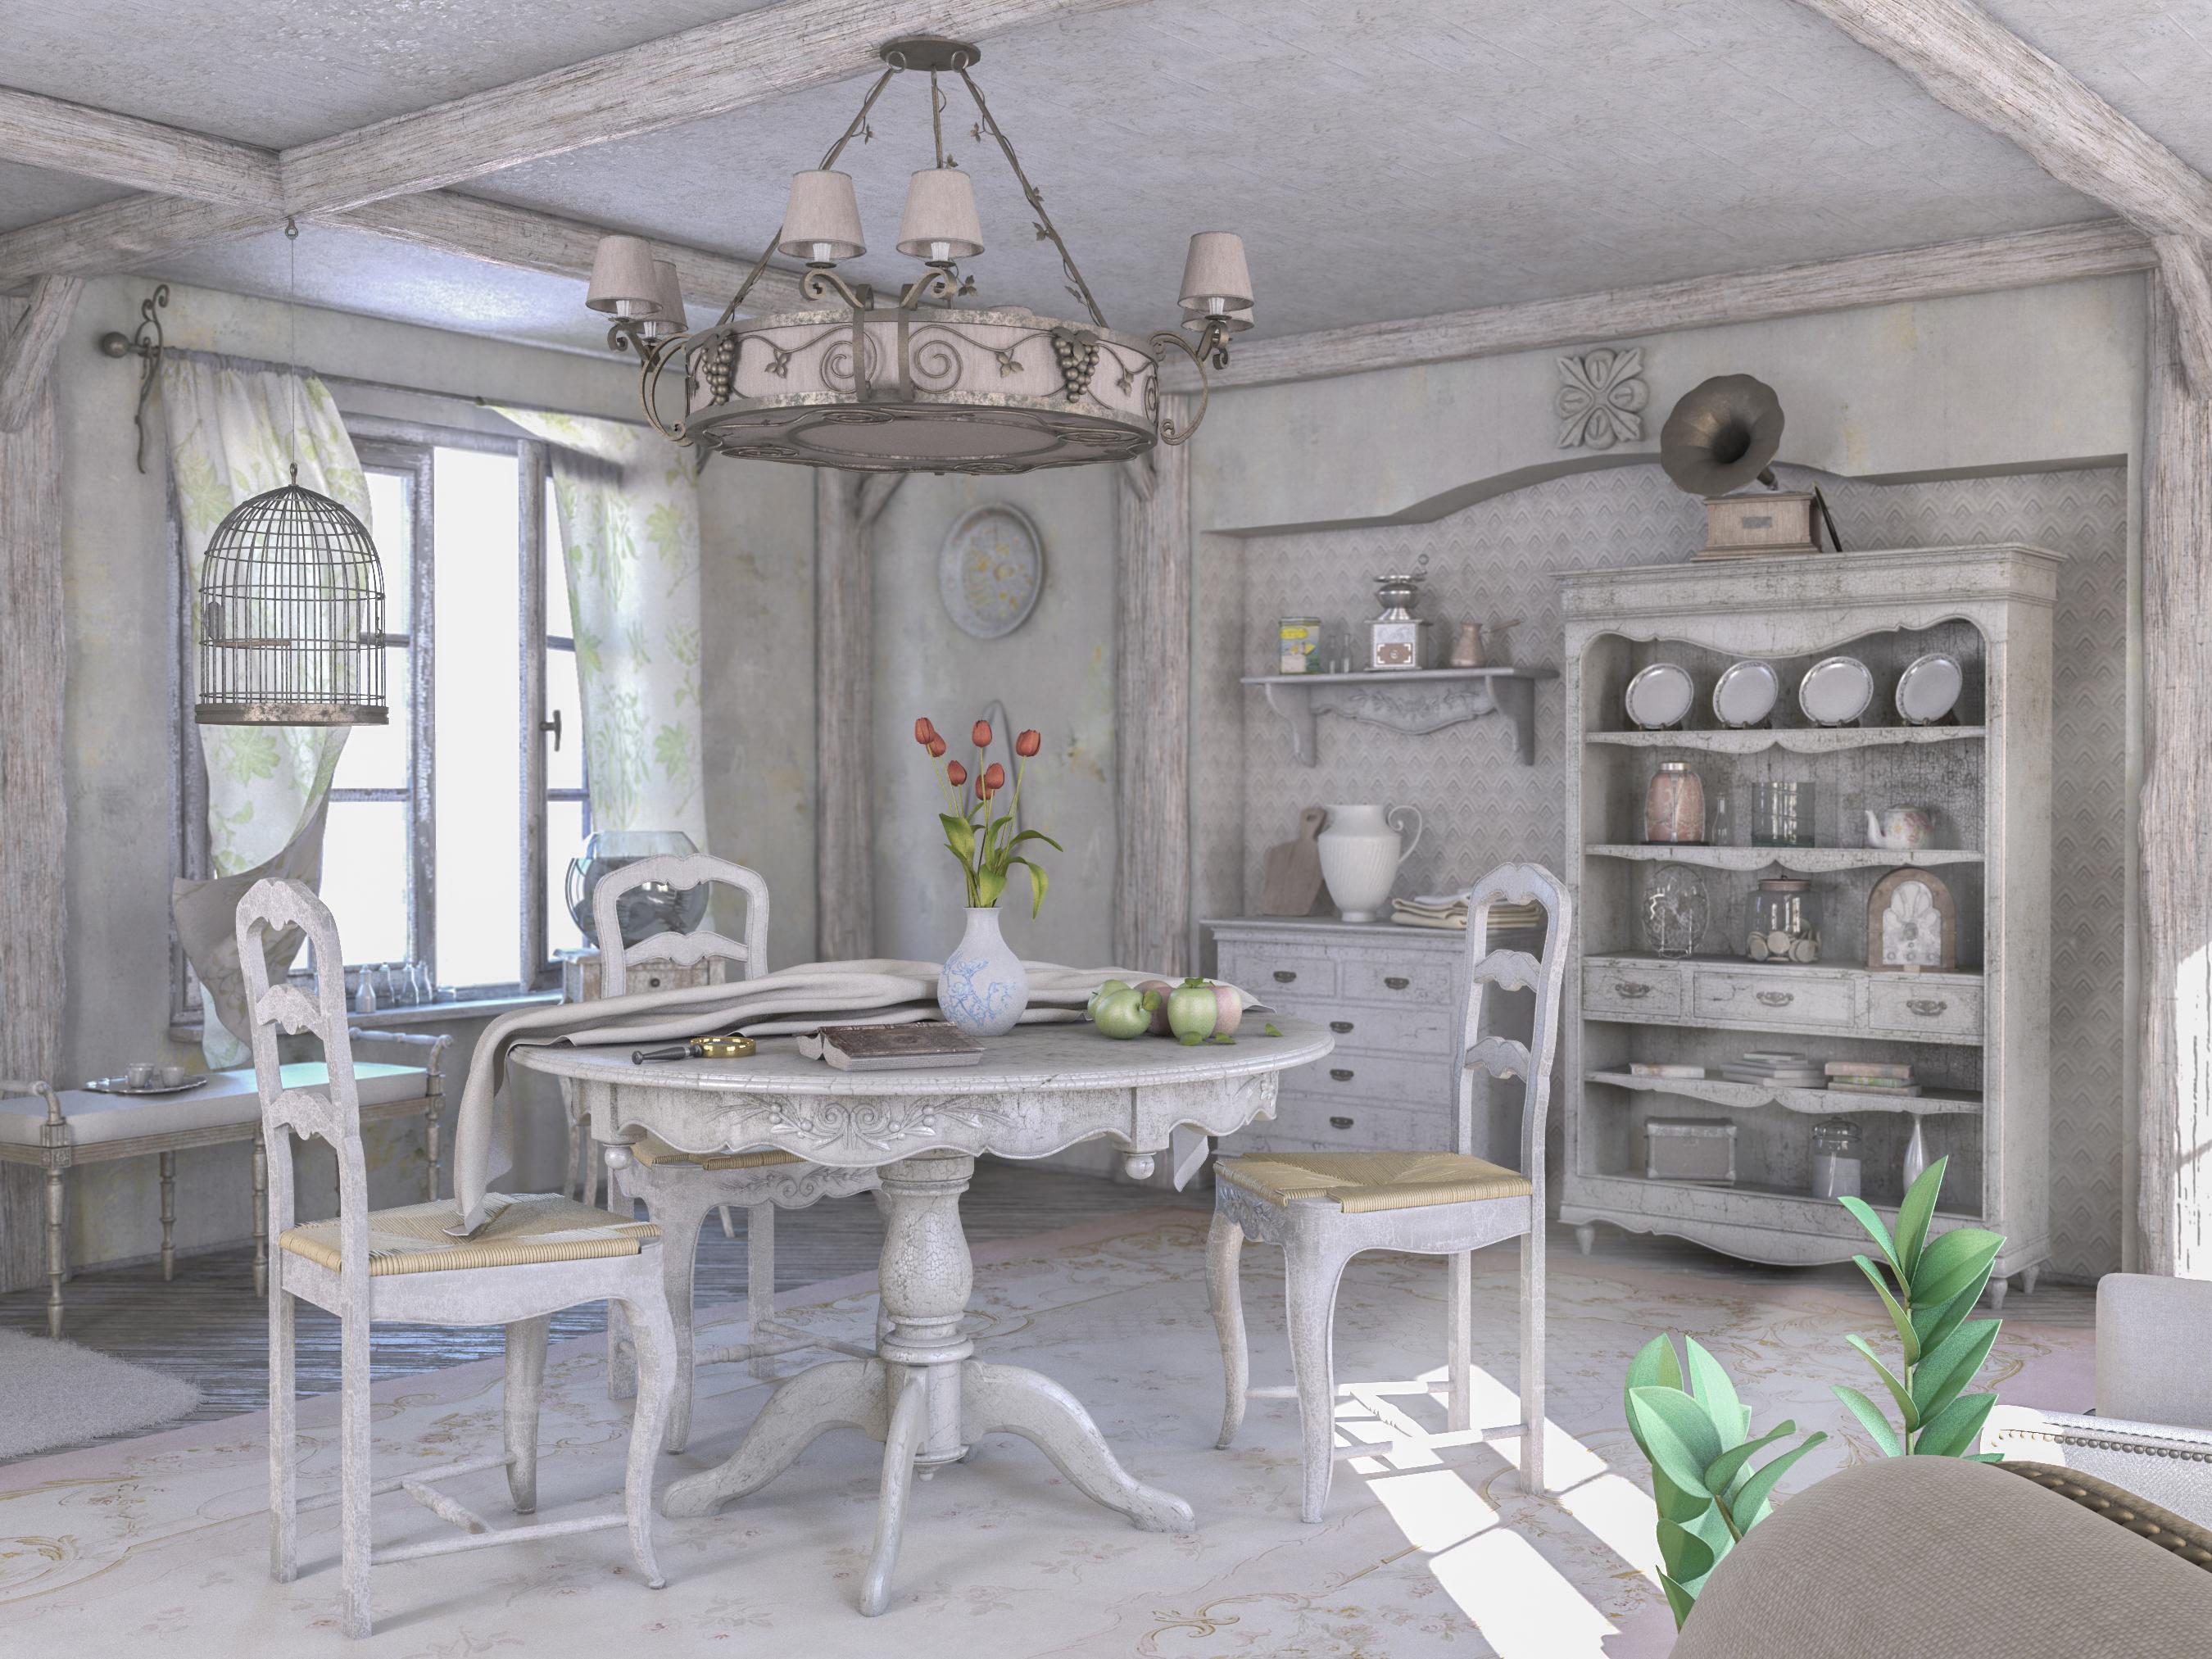 V Ray Maya By Fender81 Provence Interior